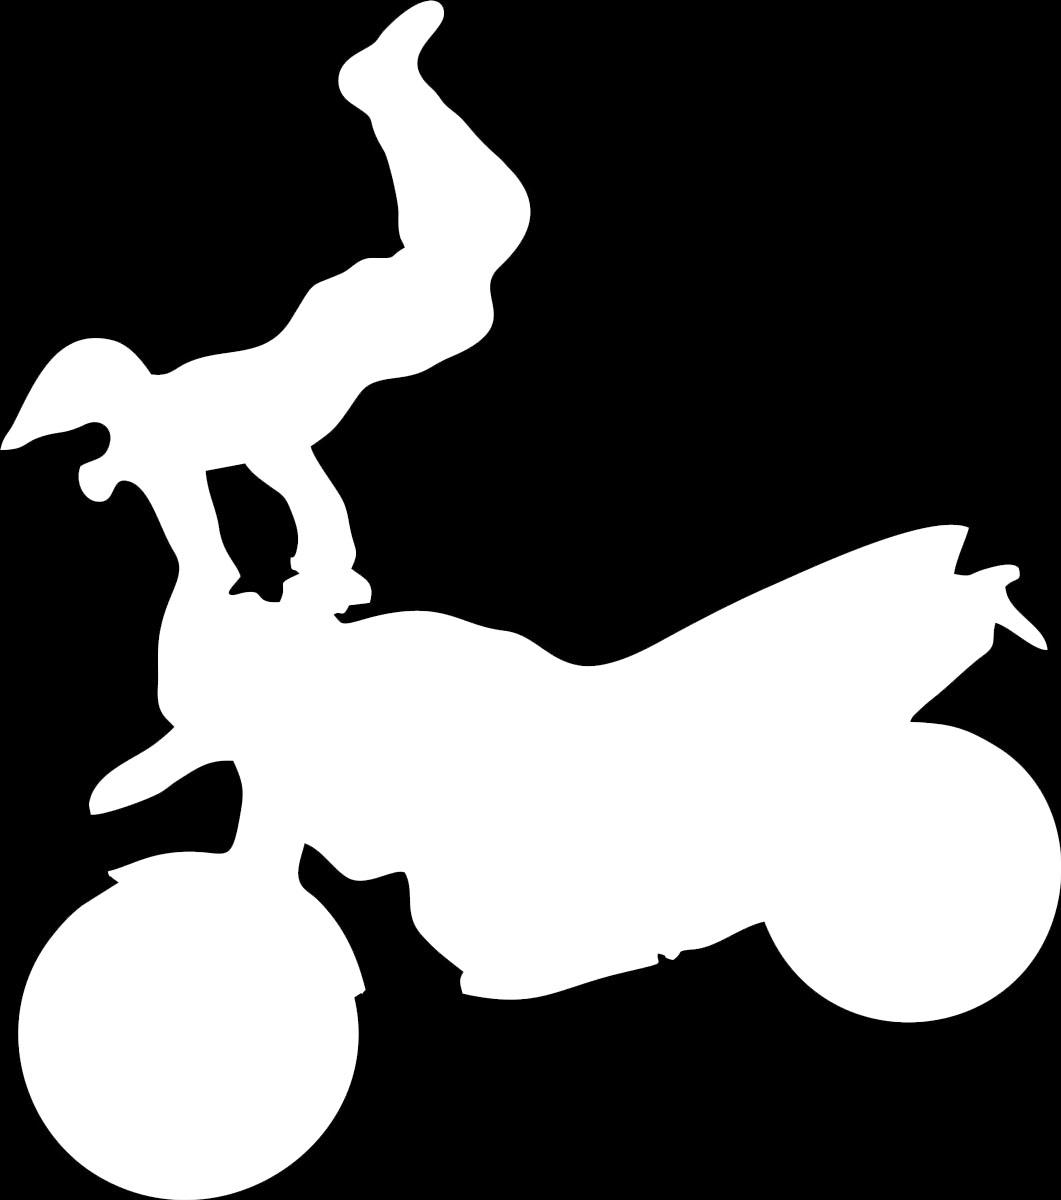 Наклейка автомобильная Оранжевый слоник Мотоциклист 4, виниловая, цвет: белый150MT0004WОригинальная наклейка Оранжевый слоник Мотоциклист 4 изготовлена из высококачественной виниловой пленки, которая выполняет не только декоративную функцию, но и защищает кузов автомобиля от небольших механических повреждений, либо скрывает уже существующие. Виниловые наклейки на автомобиль - это не только красиво, но еще и быстро! Всего за несколько минут вы можете полностью преобразить свой автомобиль, сделать его ярким, необычным, особенным и неповторимым!